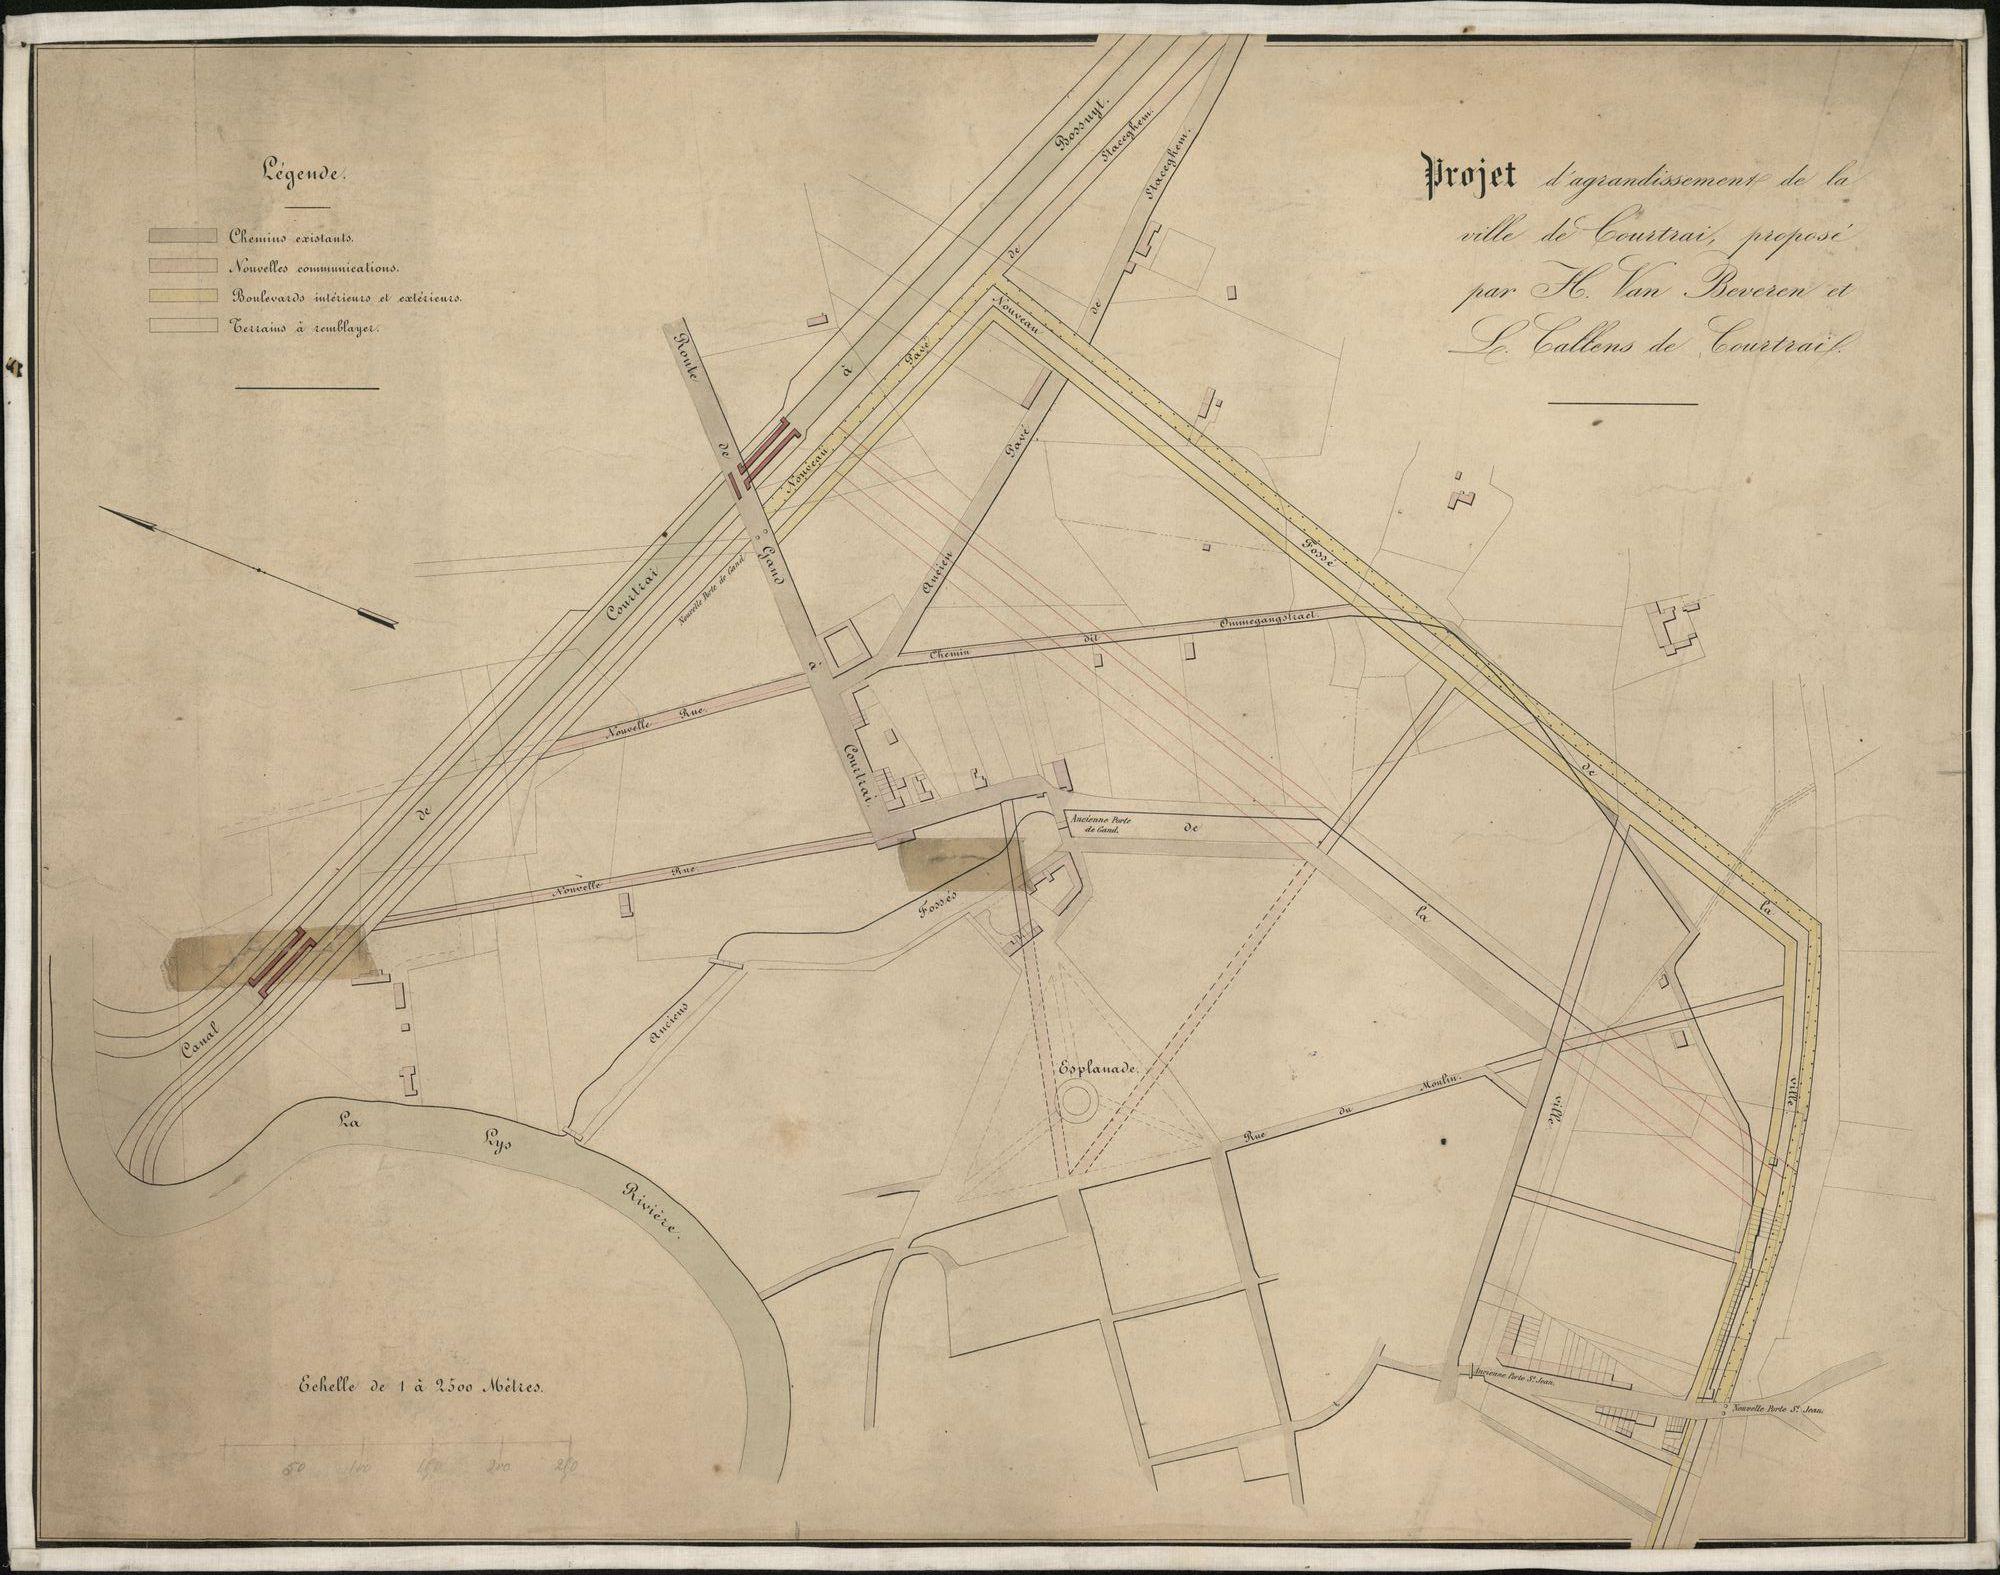 Plattegrond met ontwerp voor een uitbreiding aan de oostkant van de stad Kortrijk met opgave van nieuwe straten en grachten tussen het kanaal en de Sint-Janspoort, opgemaakt door H. Van Beveren en L. Callens, ± 1865